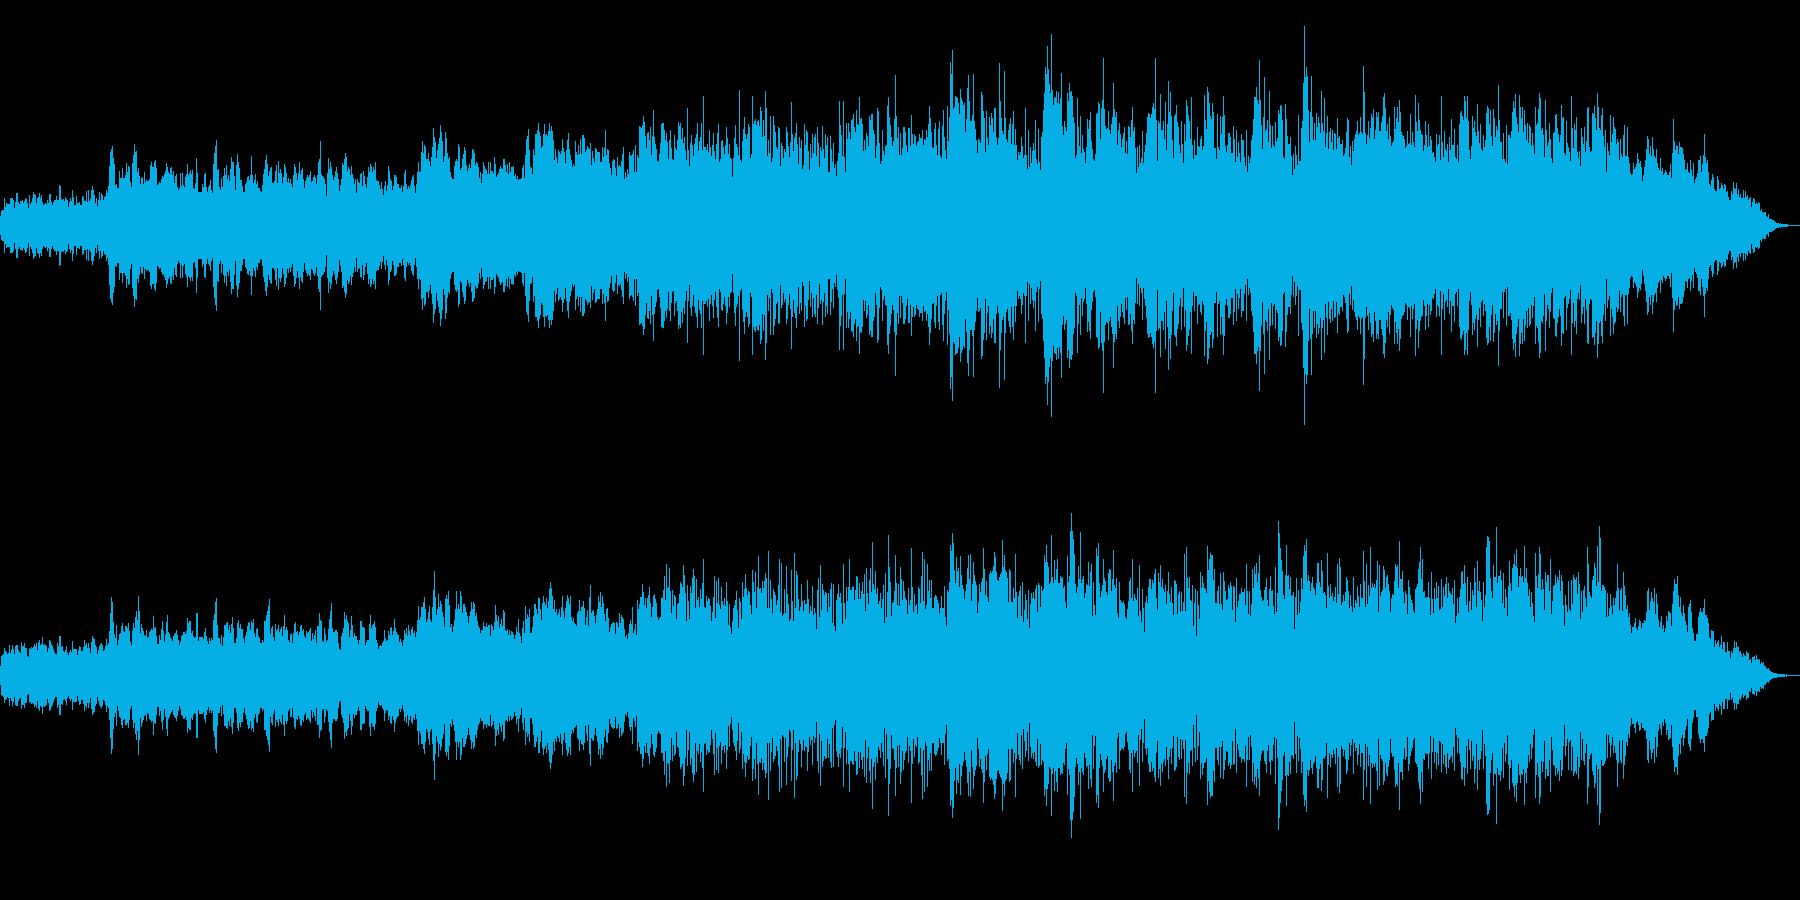 水にまつわる場所を表現したアンビエントの再生済みの波形